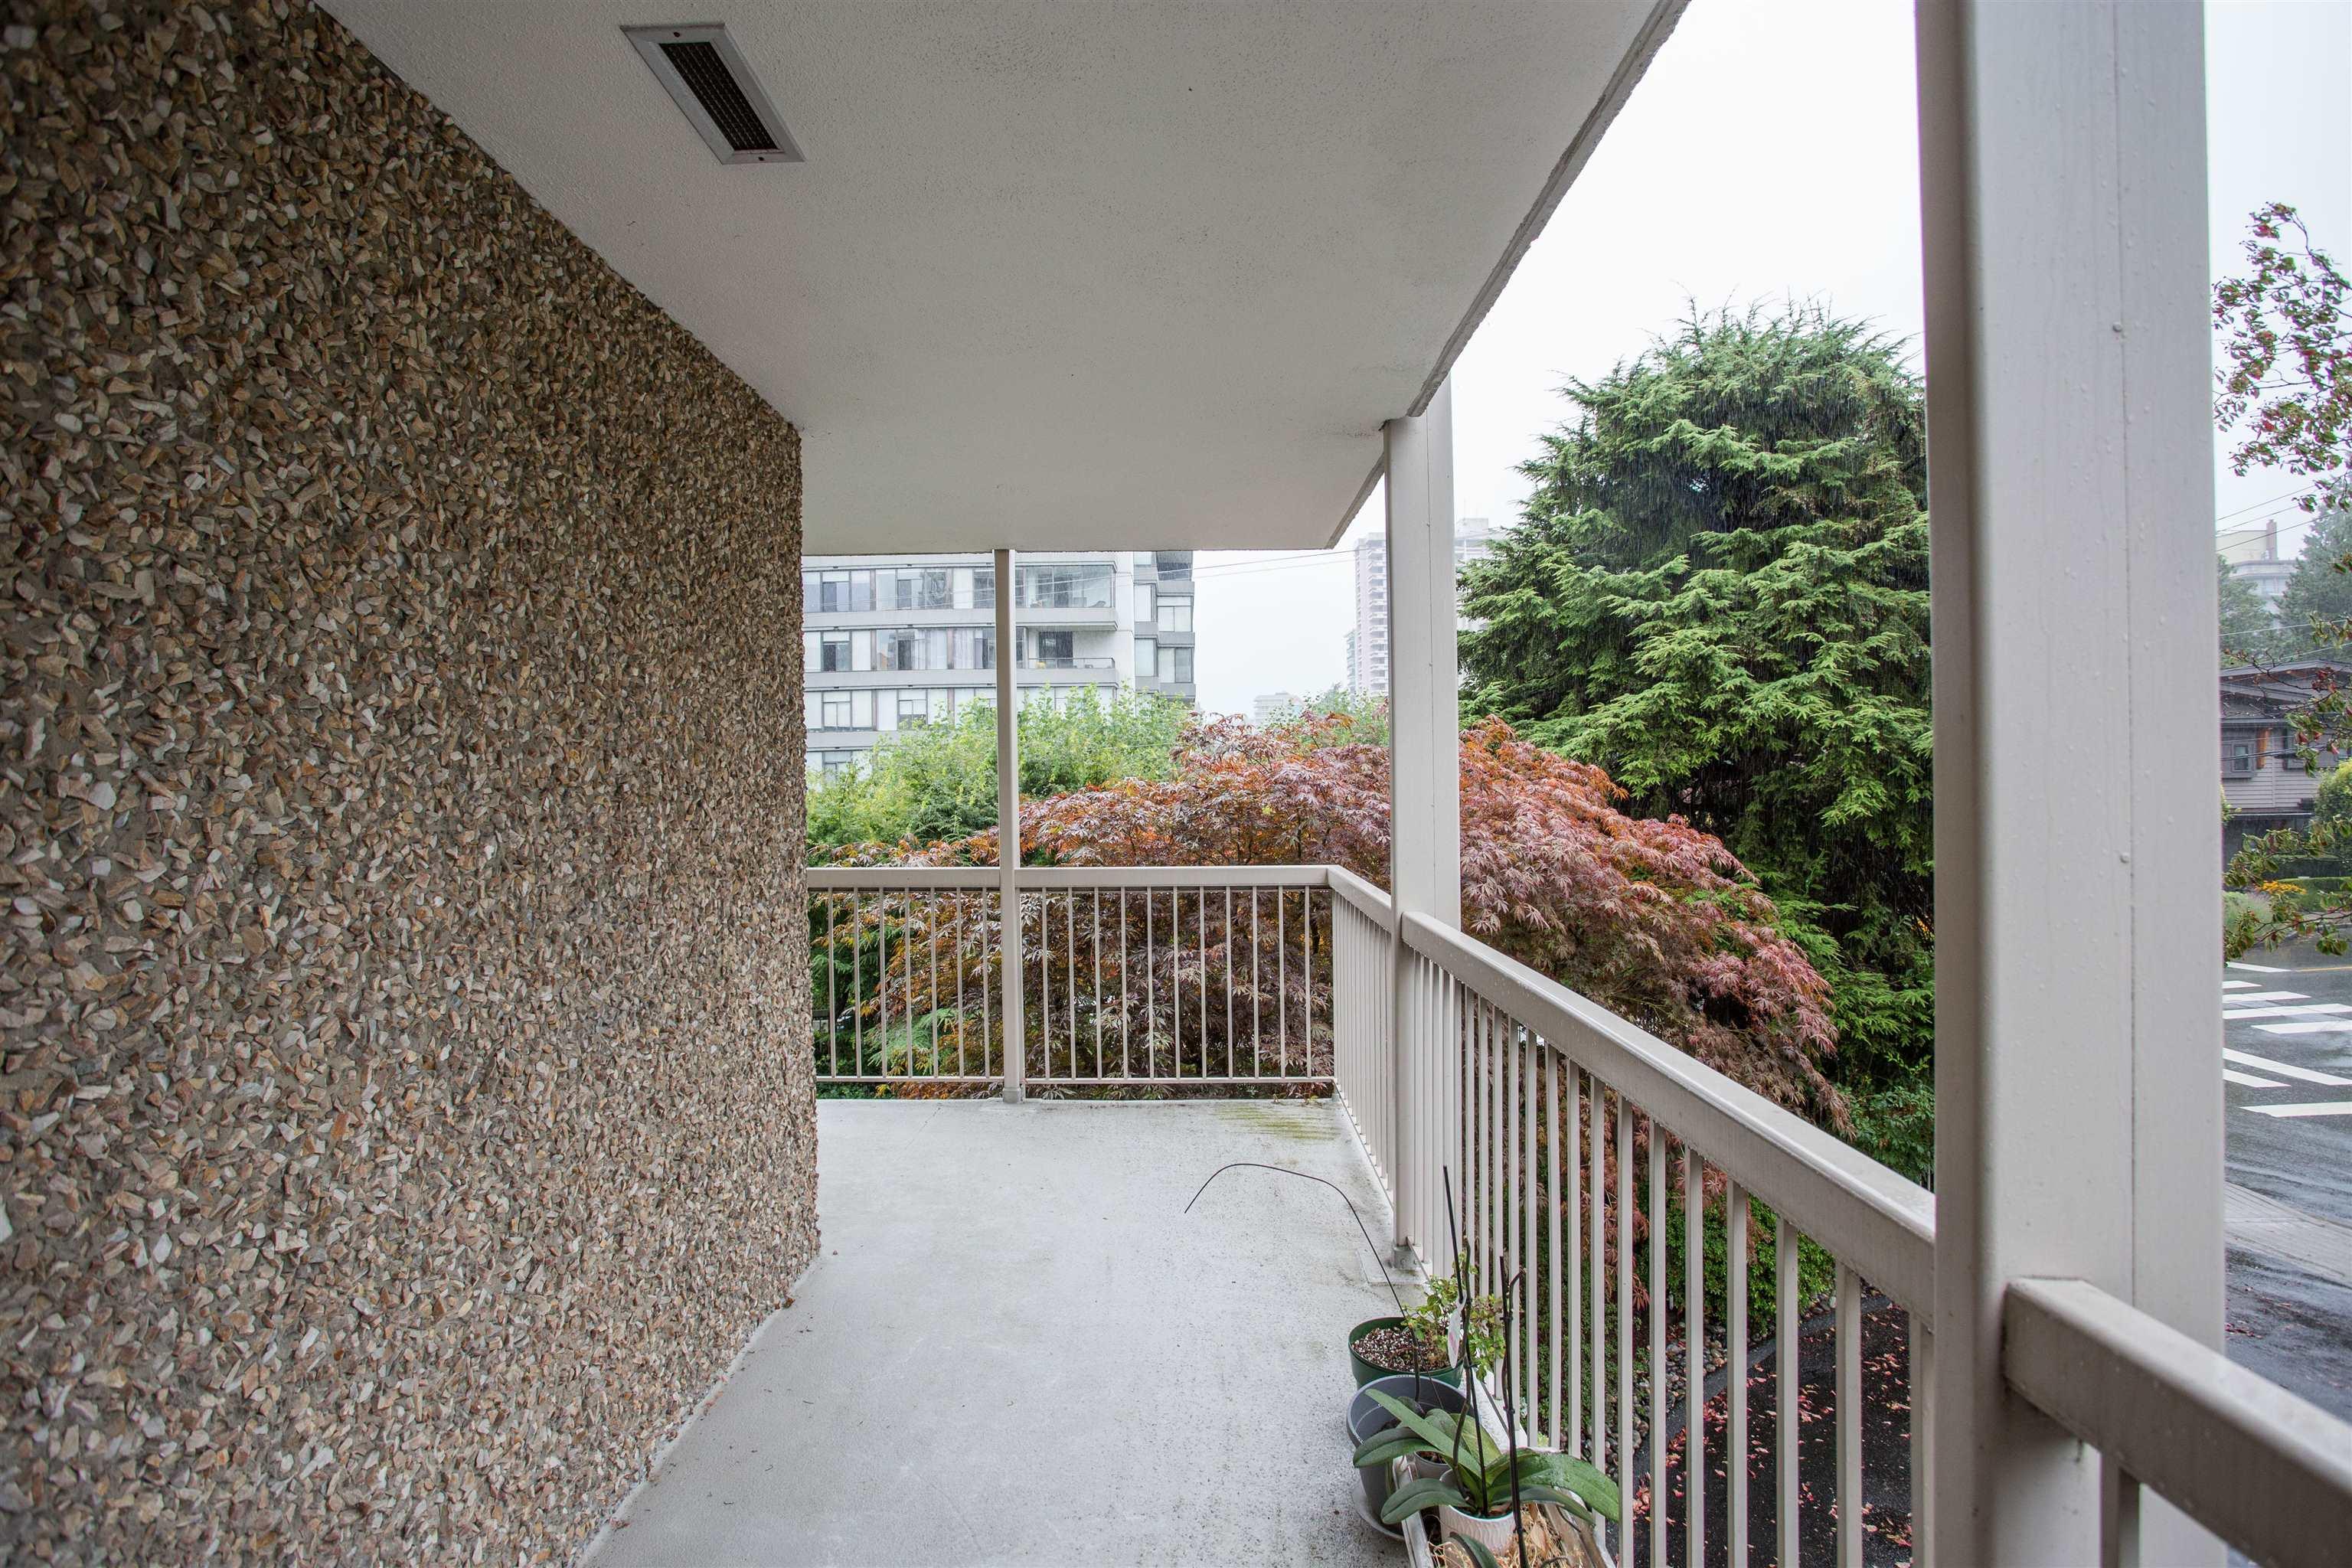 203 1390 DUCHESS AVENUE - Ambleside Apartment/Condo for sale, 1 Bedroom (R2611618) - #28